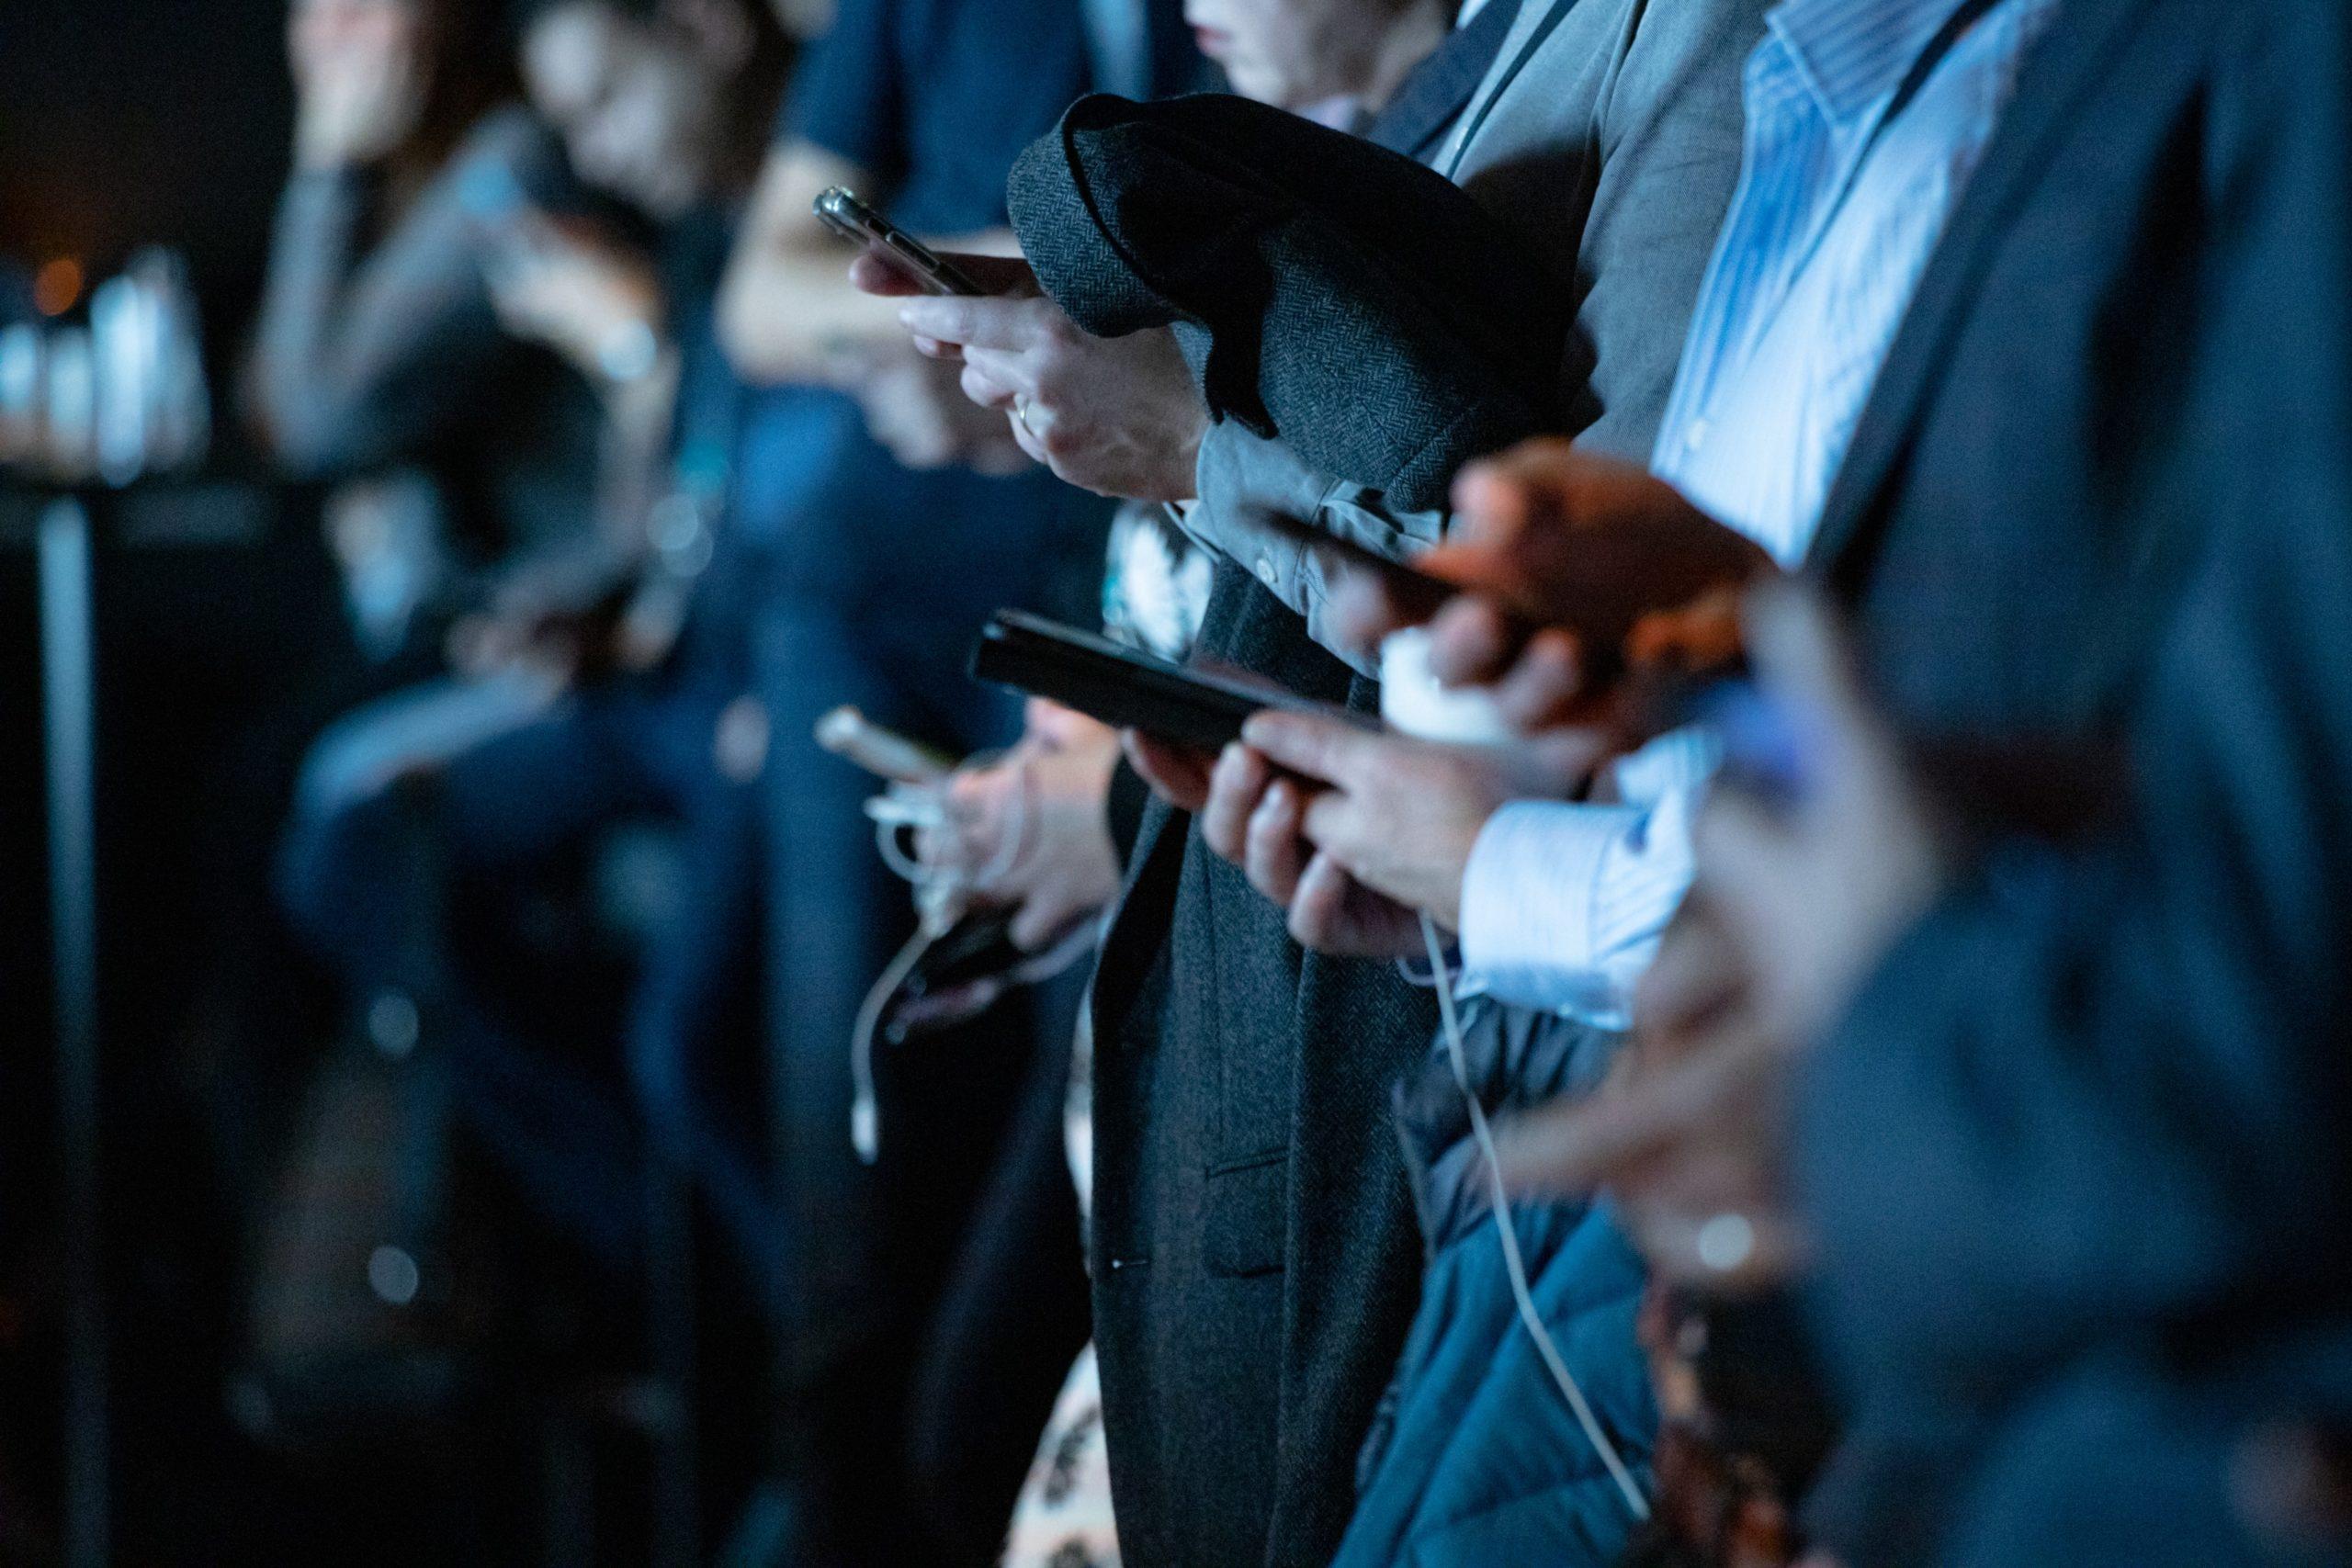 groupe de journaliste pendant une conference de presse cherchant le scoop